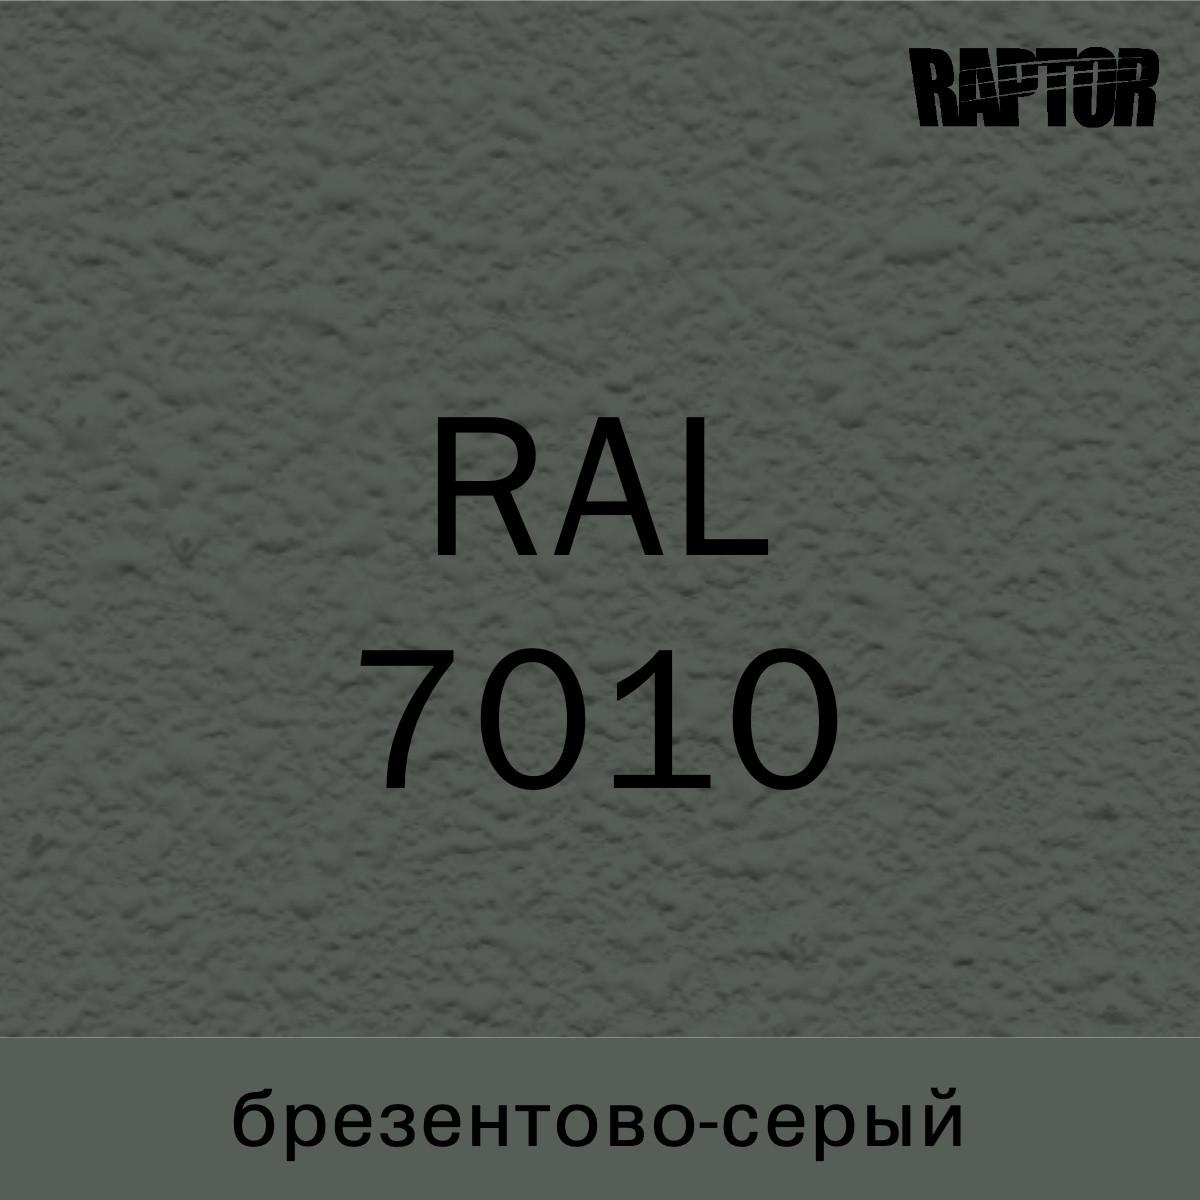 Пигмент для колеровки покрытия RAPTOR™ Брезентово-серый (RAL 7010)